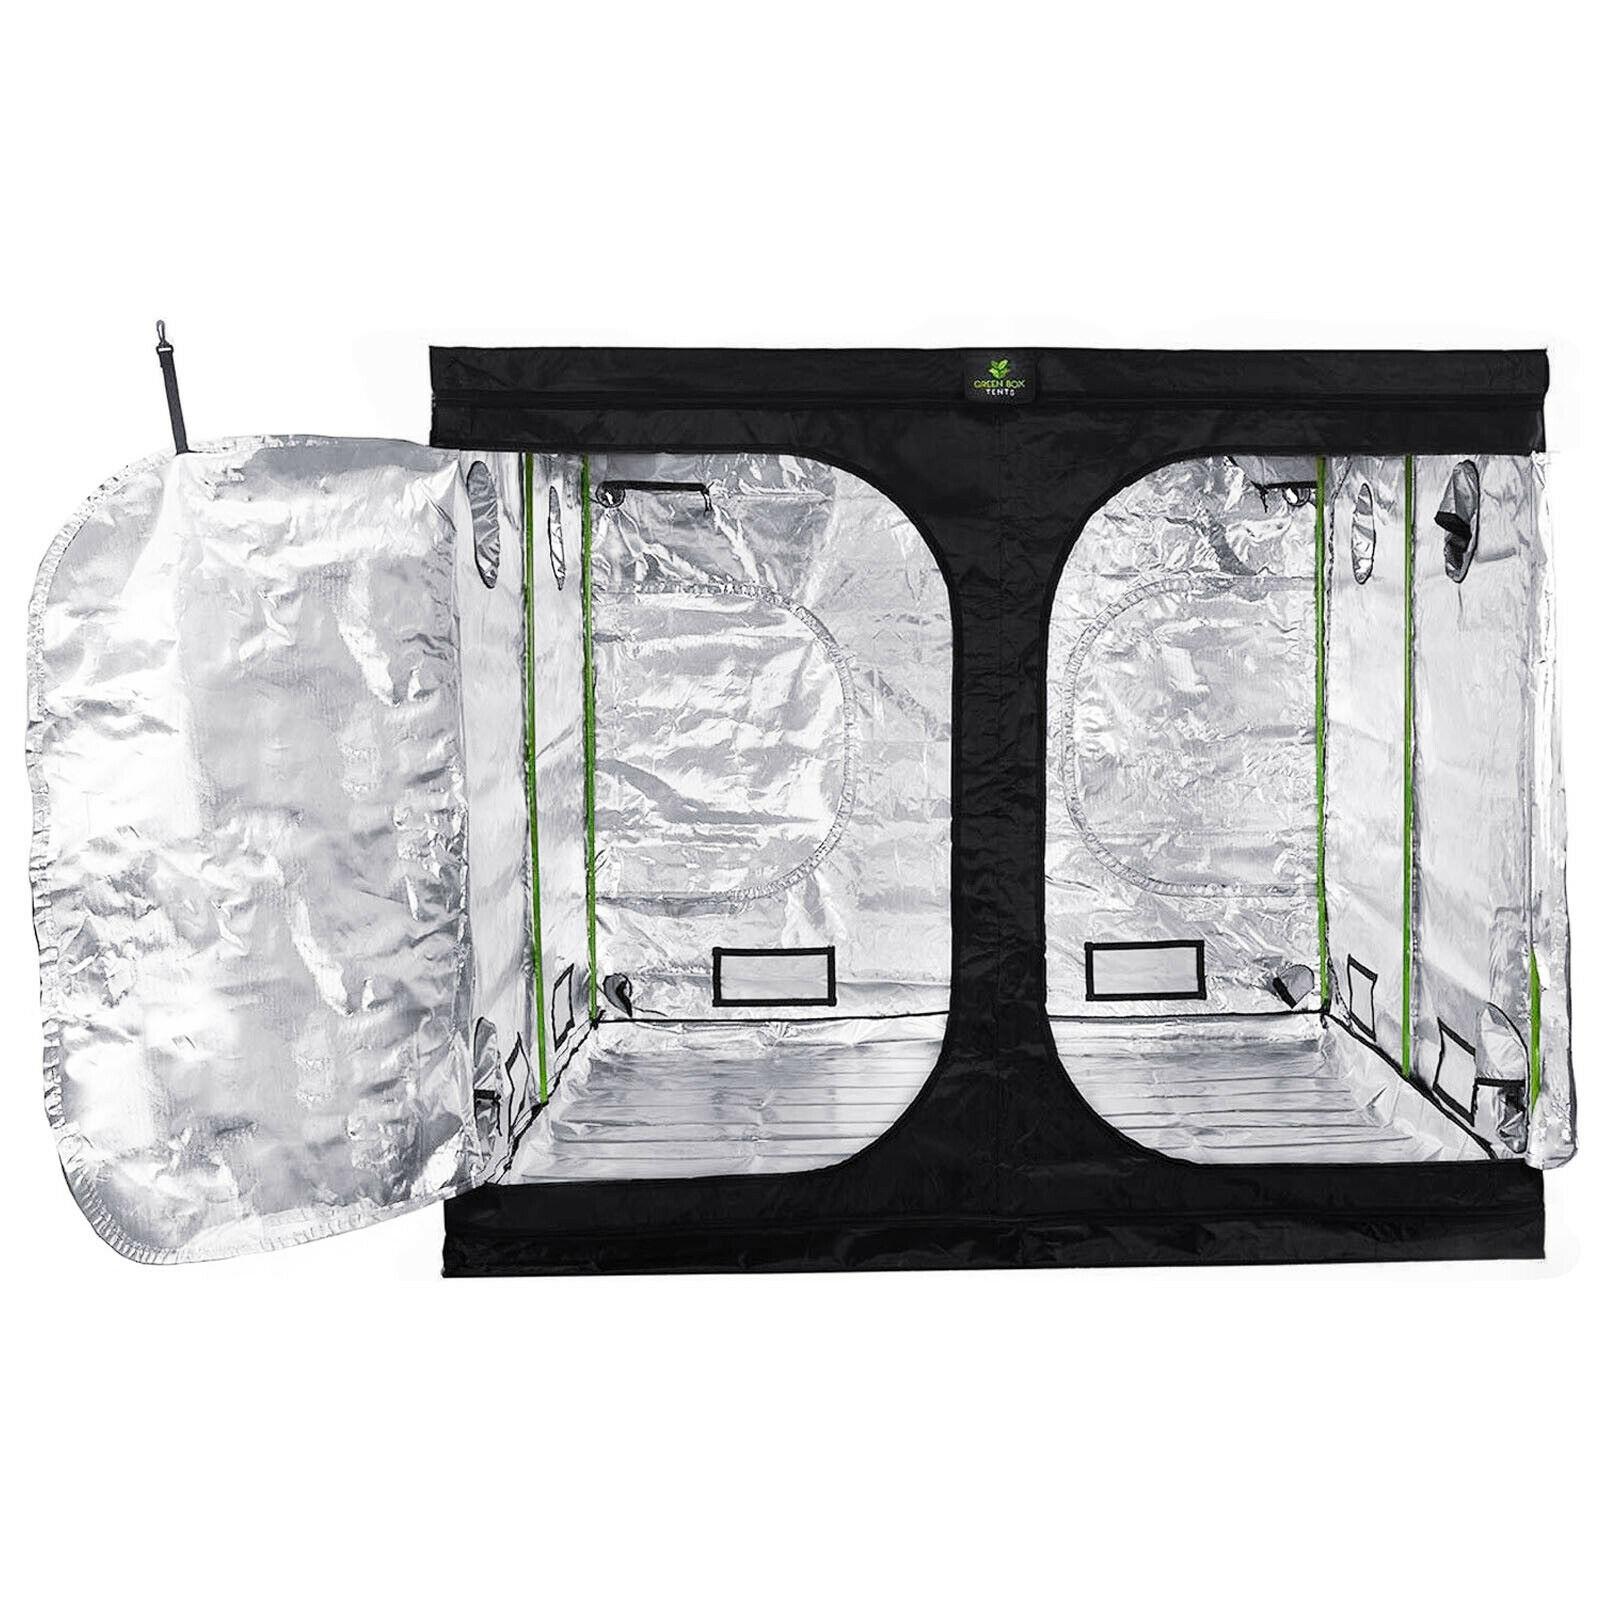 Professional Grow Tent LOW Hydroponics Bud Dark Room 2.4m x 1.2m 1.8m